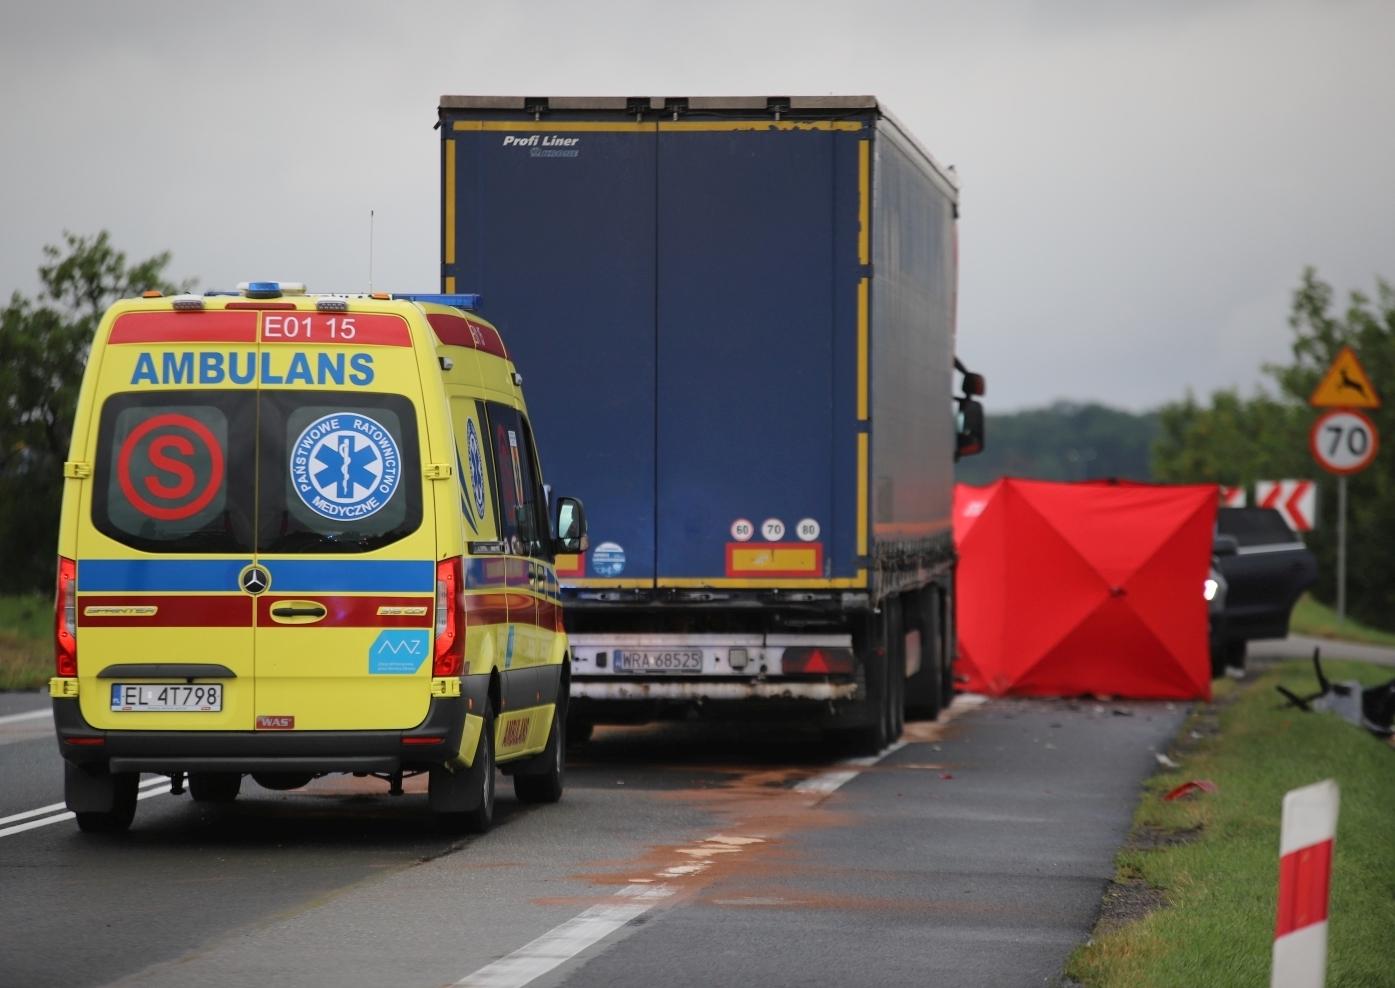 Śmiertelny wypadek na DK 92 między Kutnem a Łowiczem. Droga całkowicie zablokowana - Zdjęcie główne